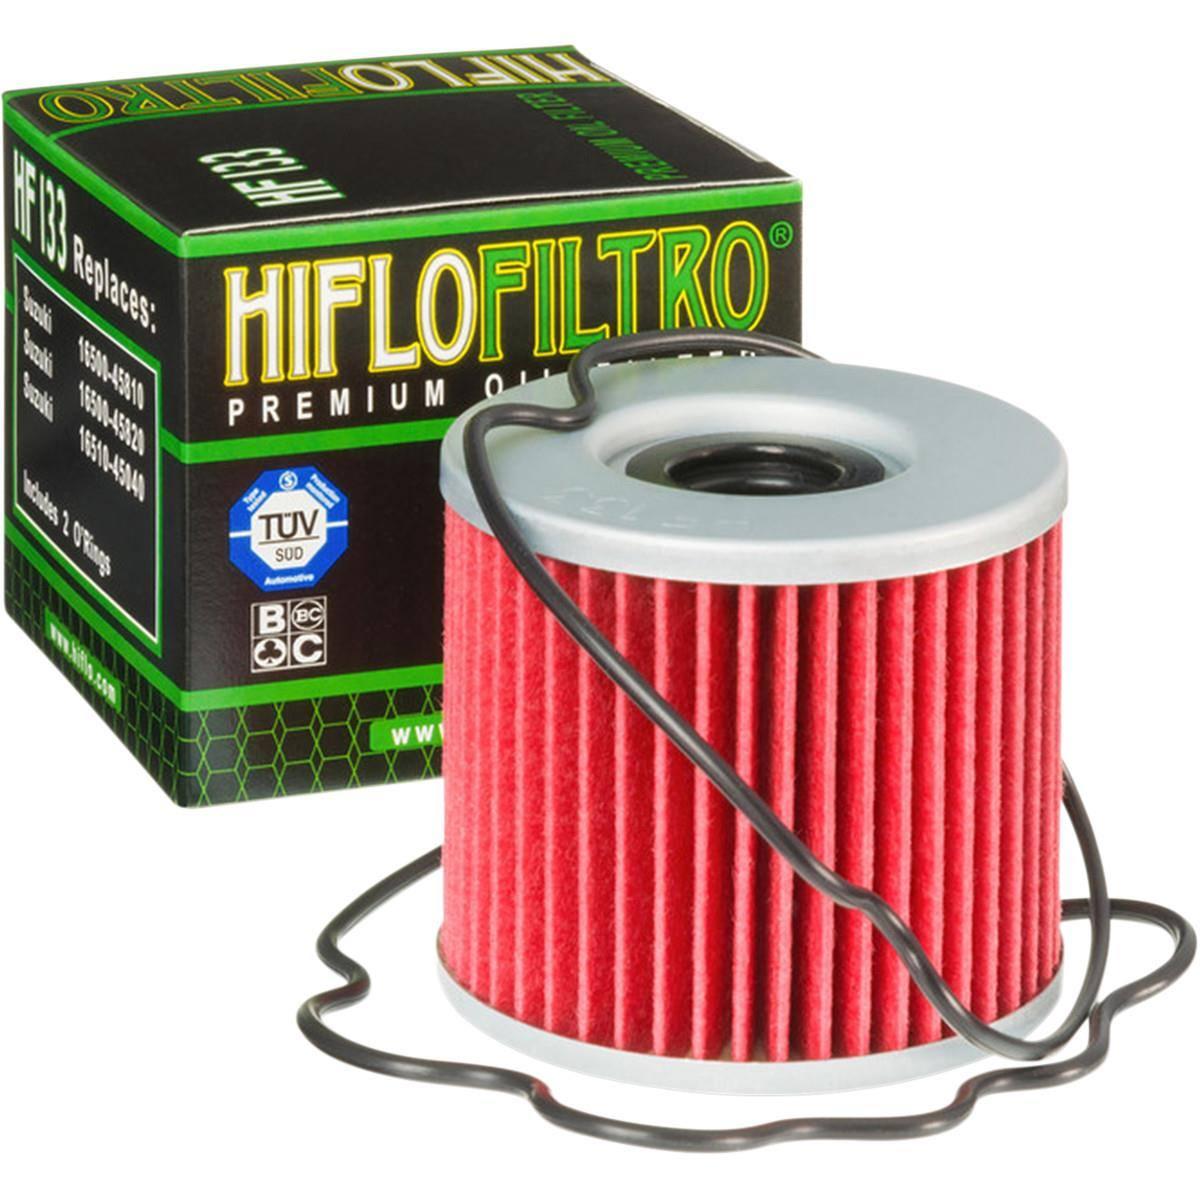 Husqvarna SM 630 IE 2010 HF563 HifloFiltro Oil Filter